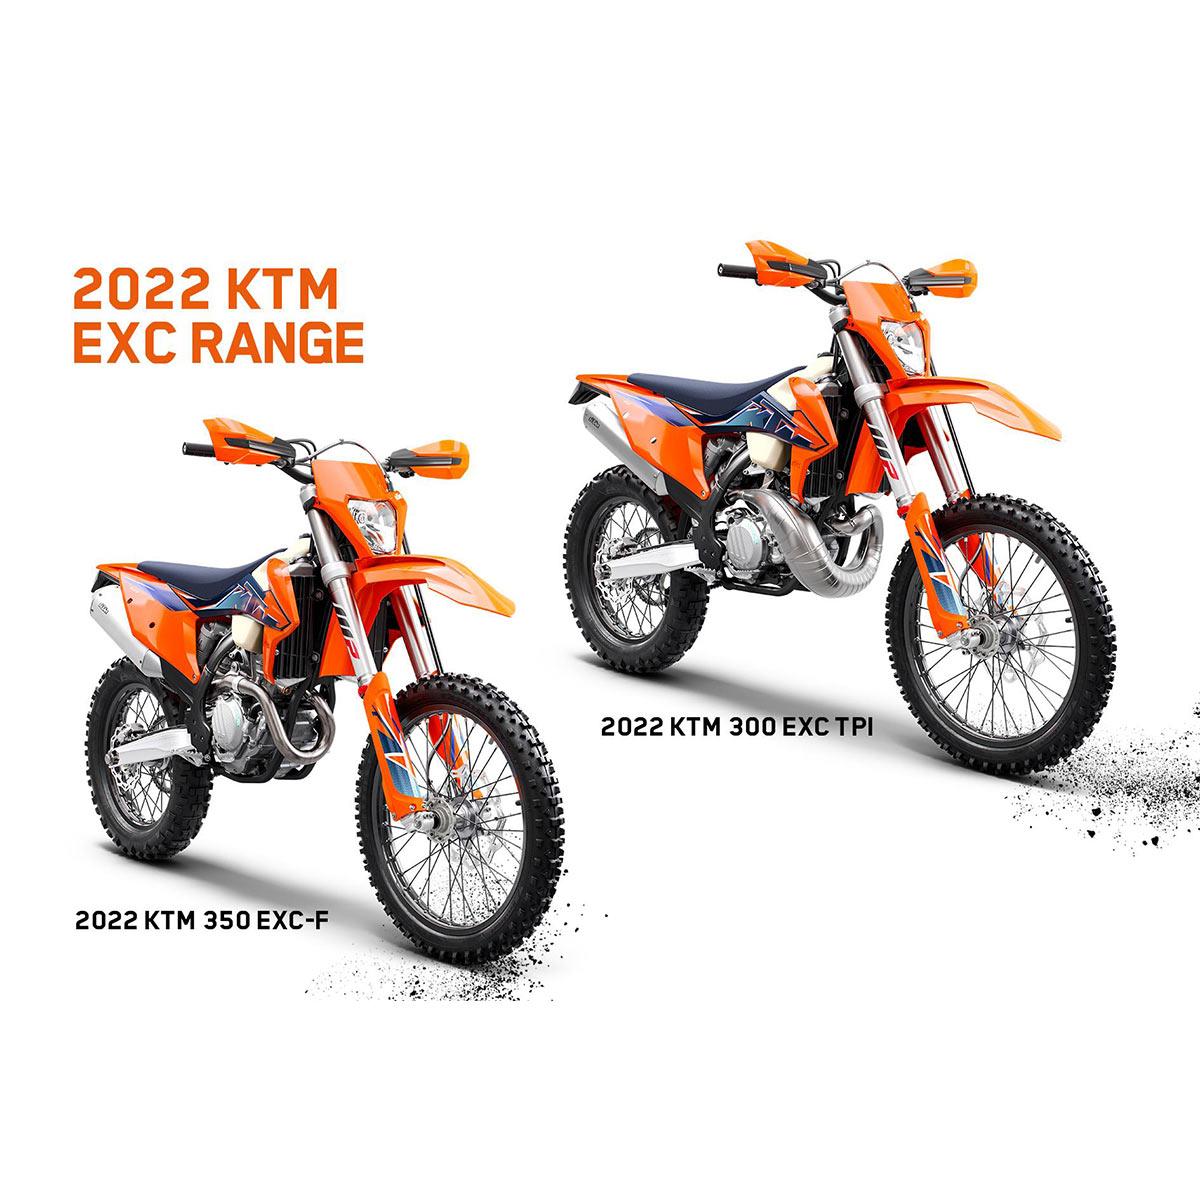 nouvelles-ktm-ktm-exc-range-2022